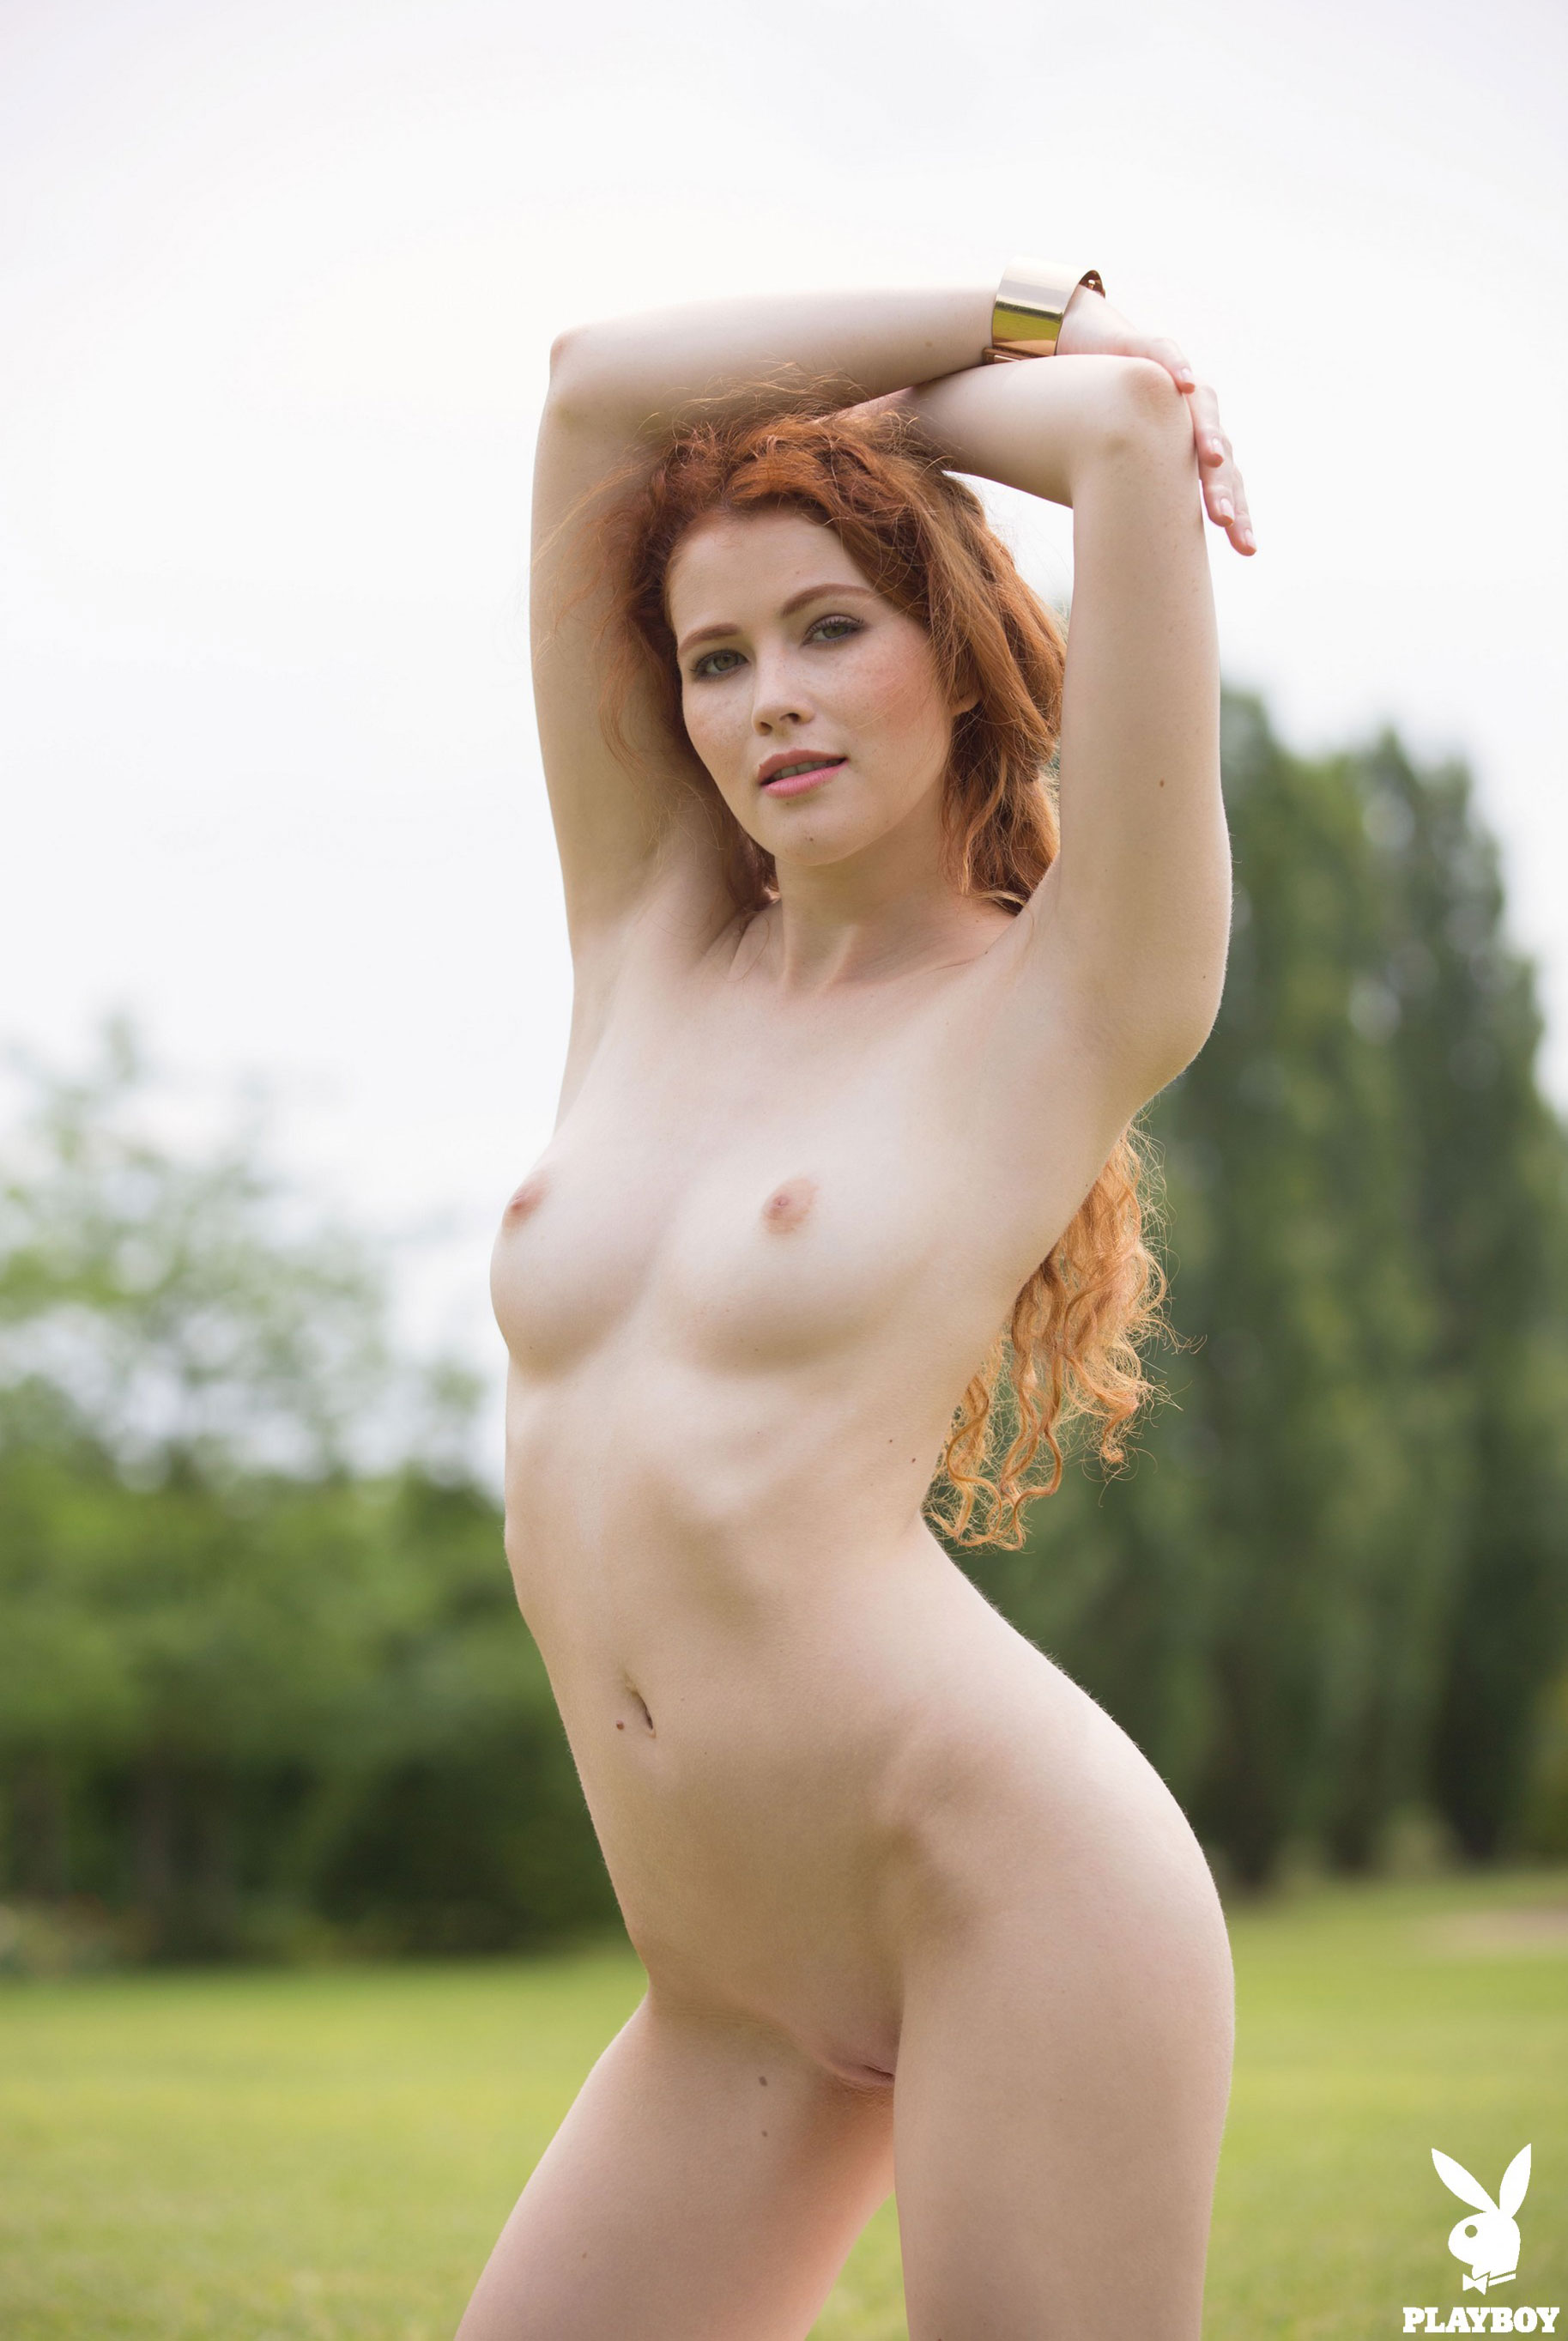 Играем в гольф с сексуальной Хейди Романовой / Heidi Romanova nude by David Merenyi / PlayboyPlus